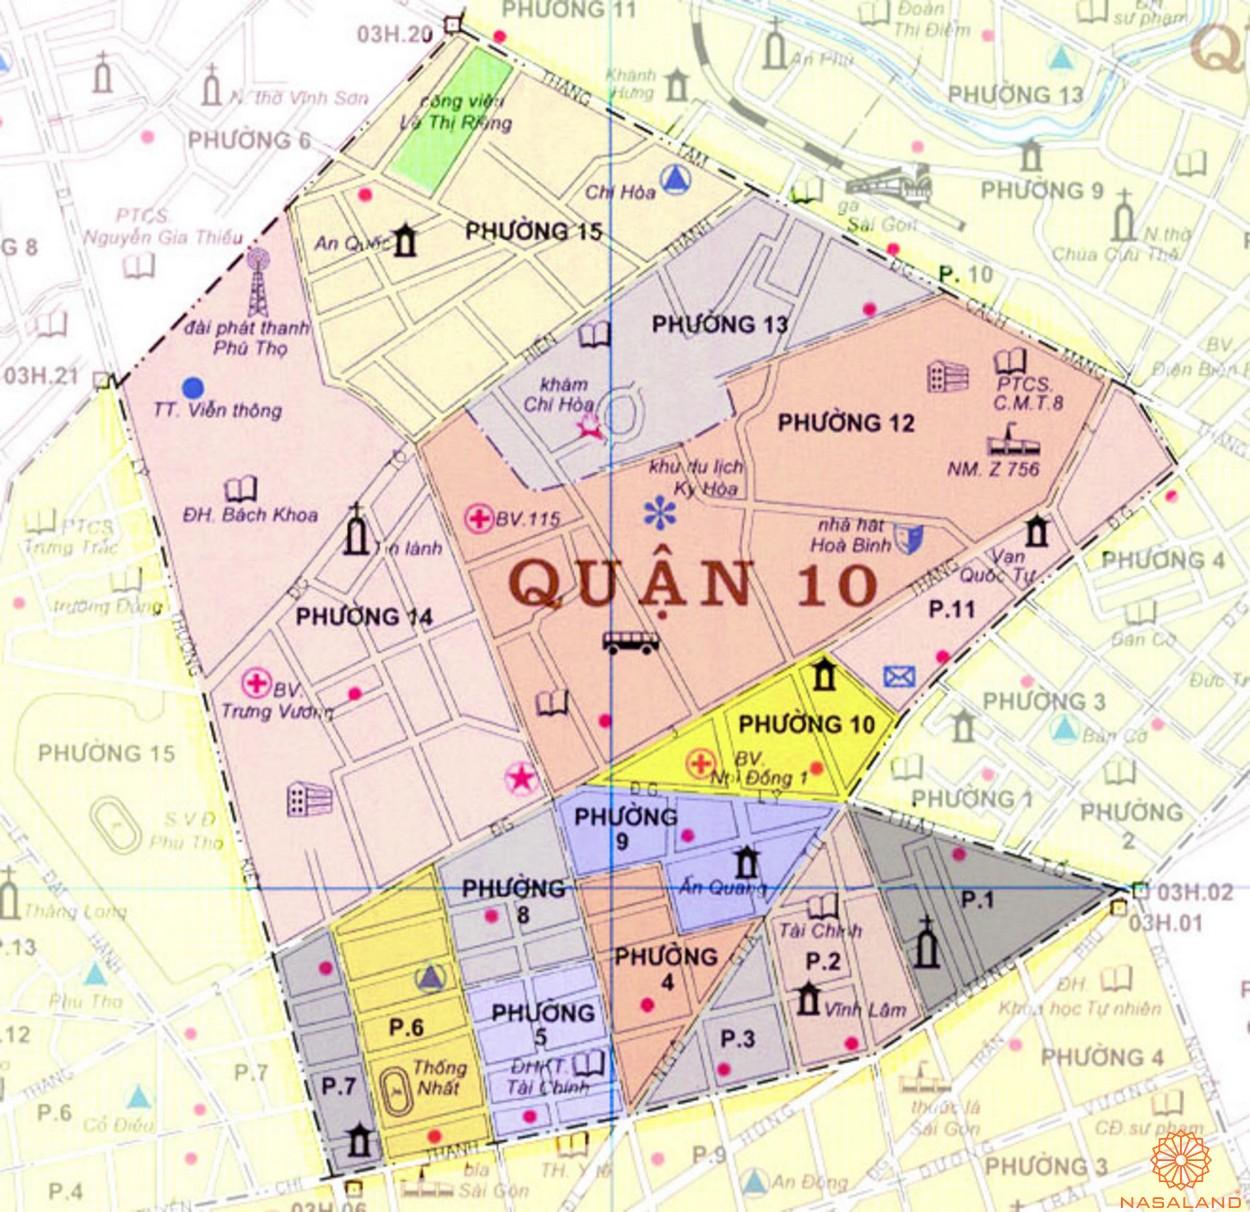 Căn hộ quận 10 - Giải mã thị trường căn hộ đang thu hút giới đầu tư hiện nay - vị trí